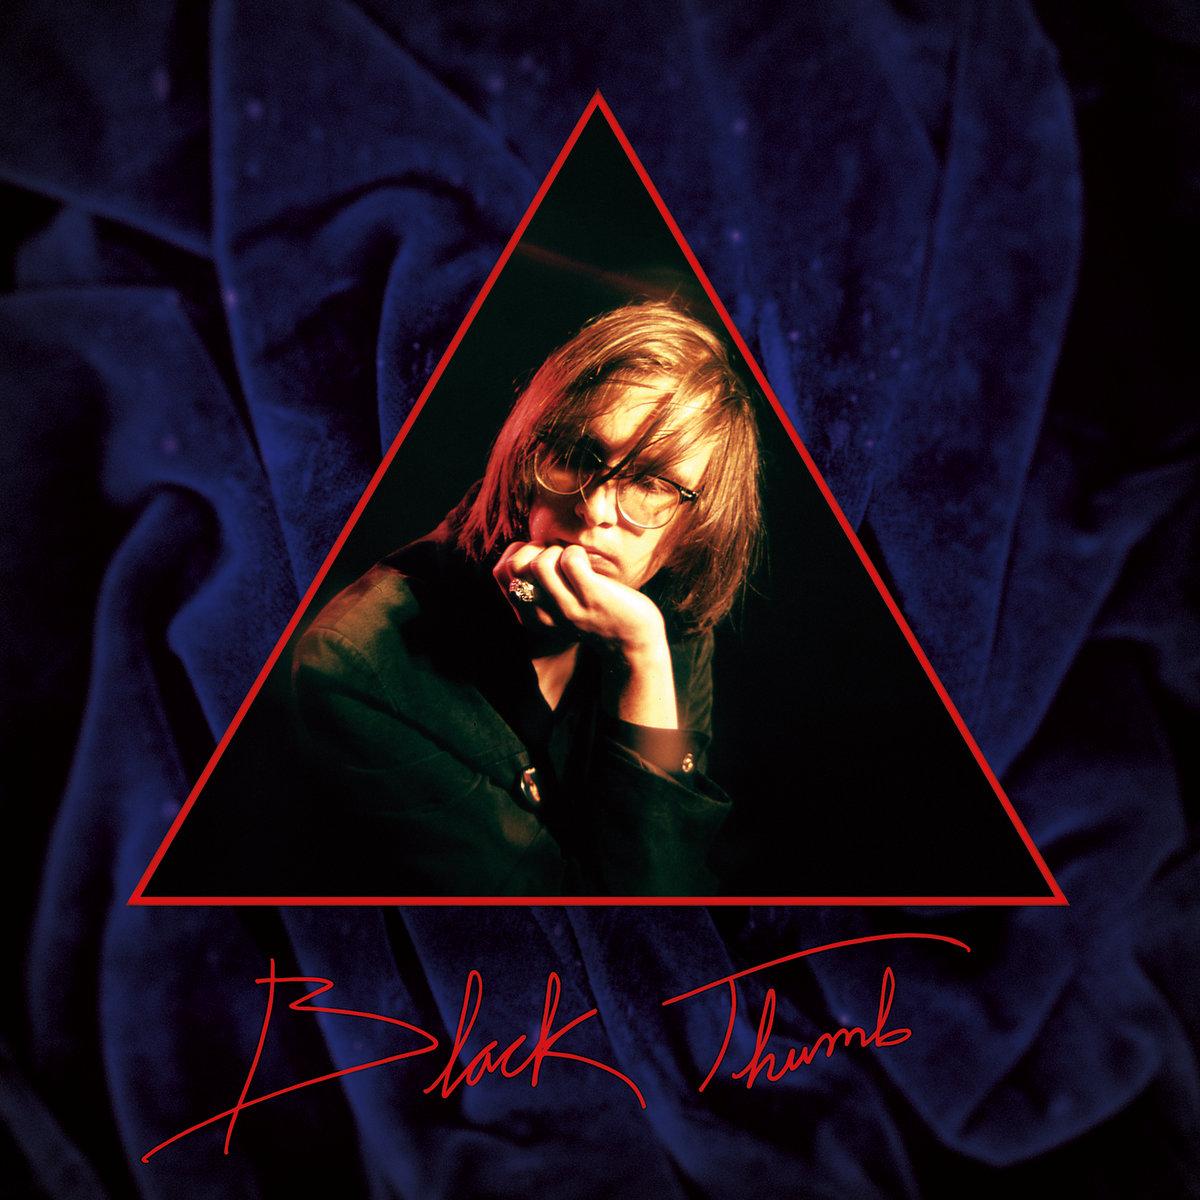 Black Thumb Album cover